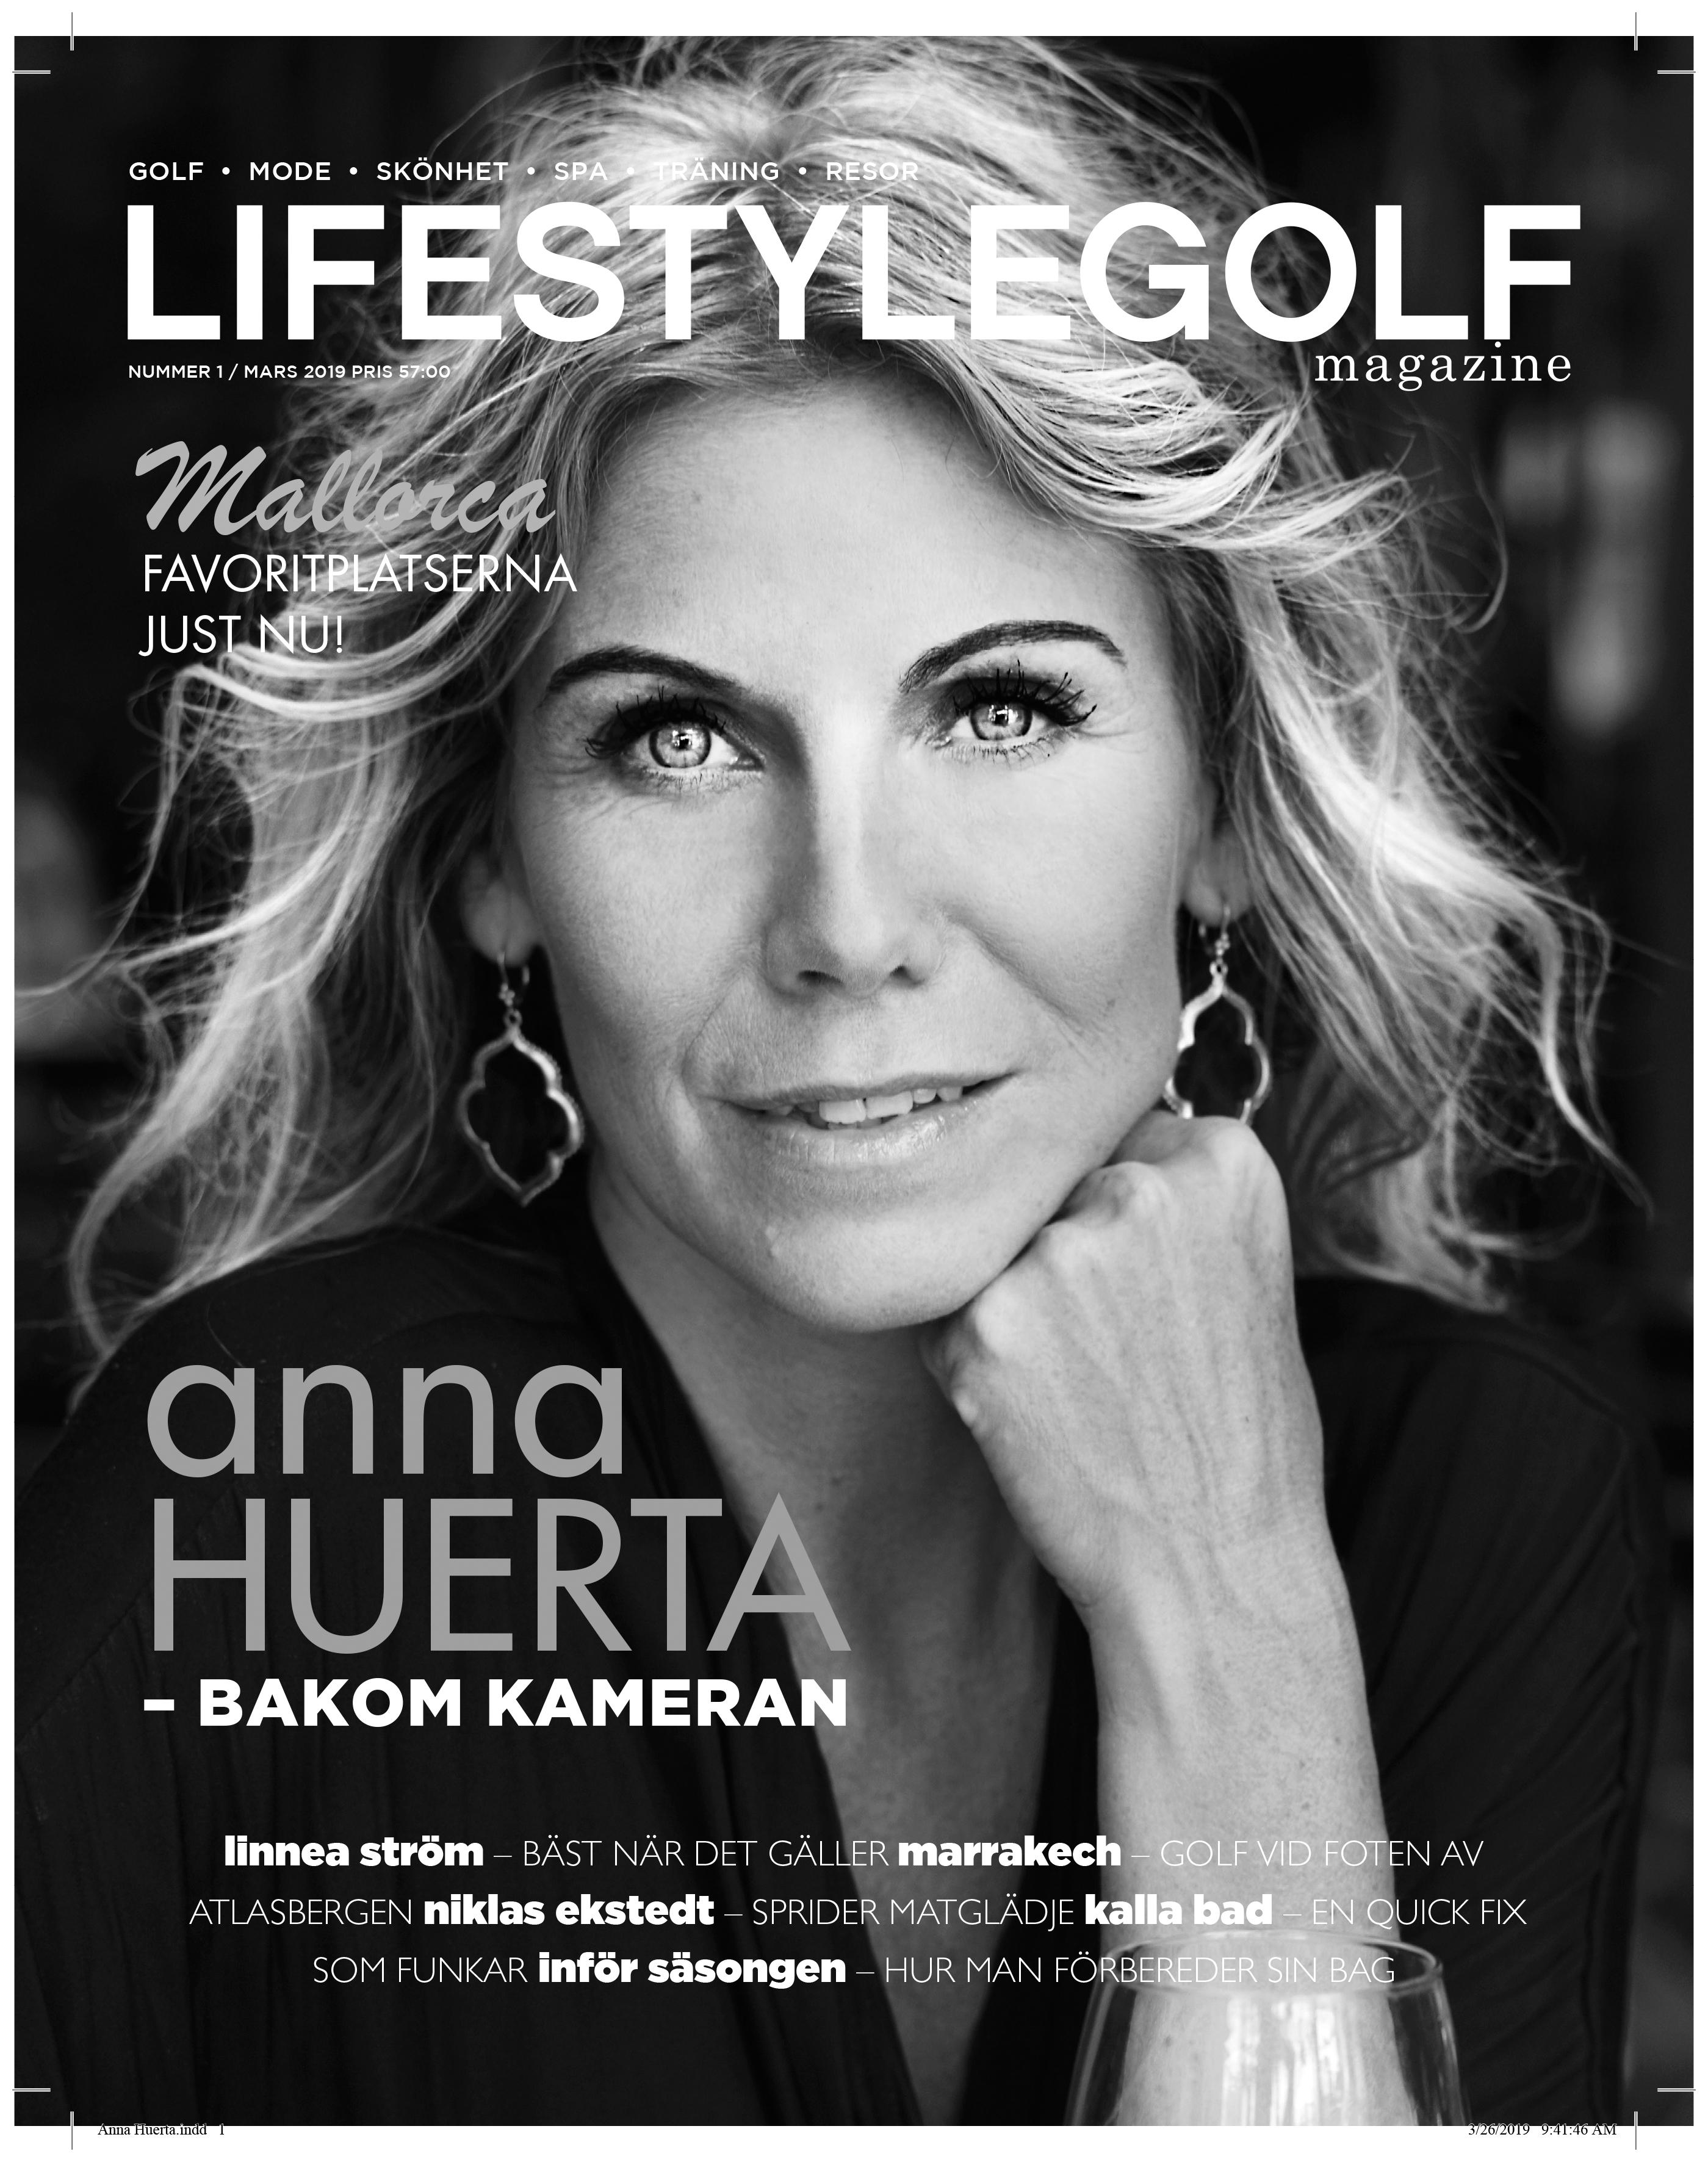 Golf Mag _Anna Huerta, LGM nr 1-2019-1